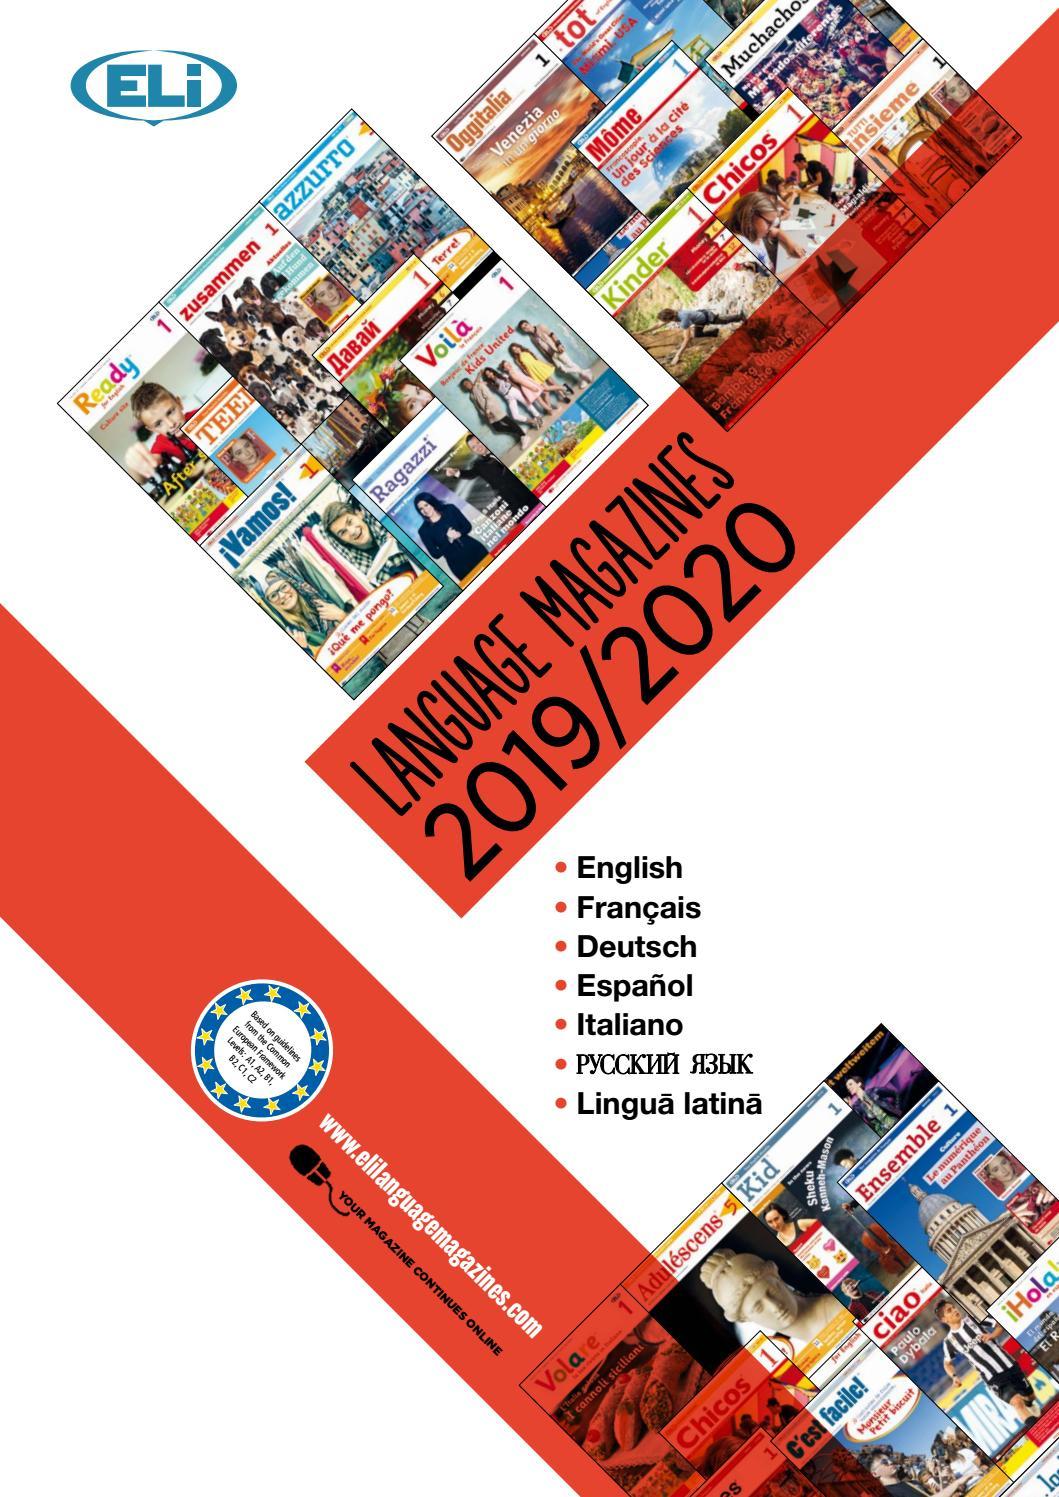 Eli Language Magazines 2019 - 2019 Catalogue By Eli pour Jeux De Course Online